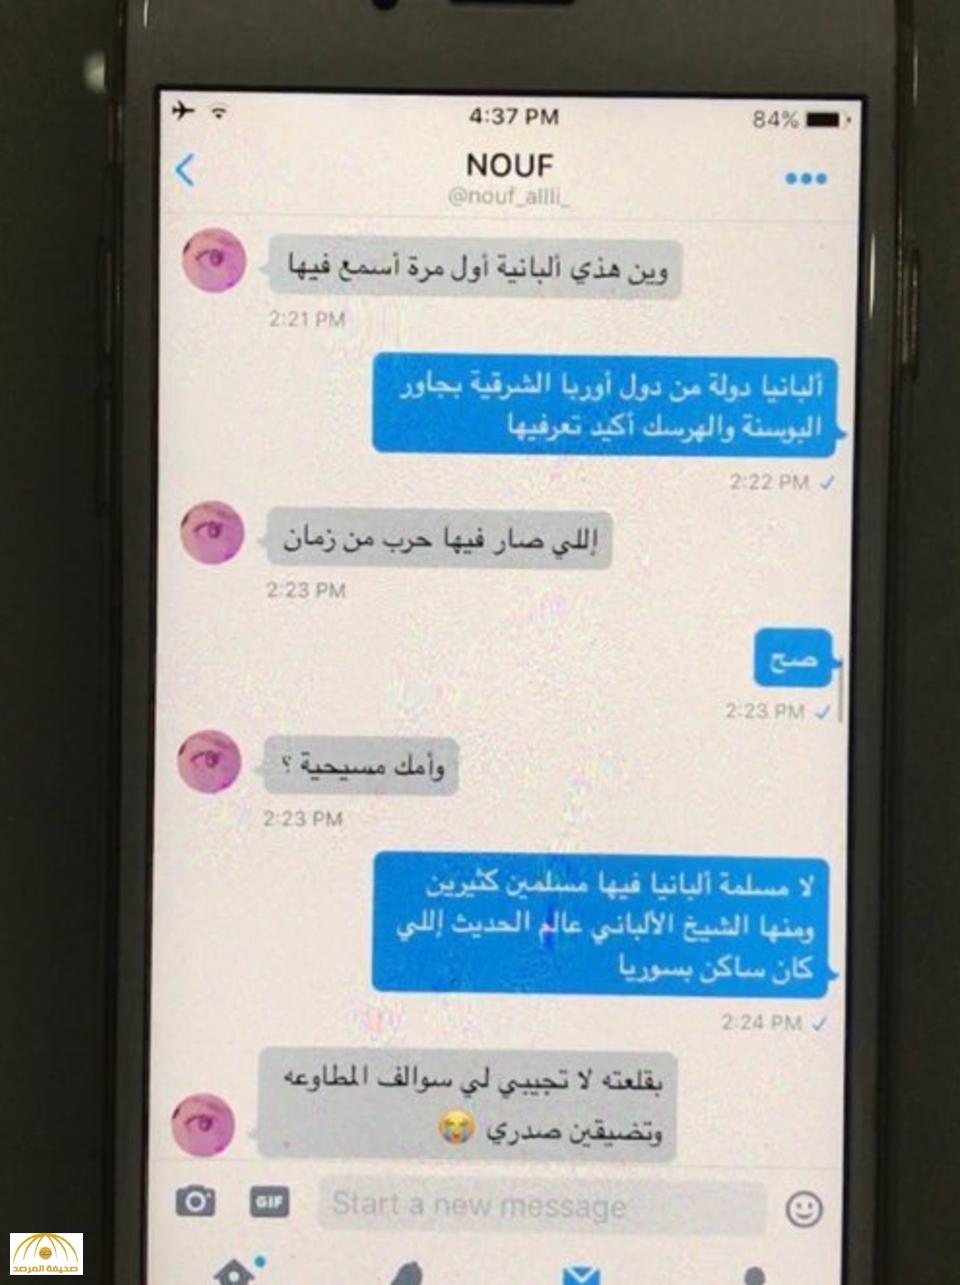 بالصور محادثة واتس اب تفضح خطة هروب فتاة سعودية إلى خارج المملكة صحيفة المرصد